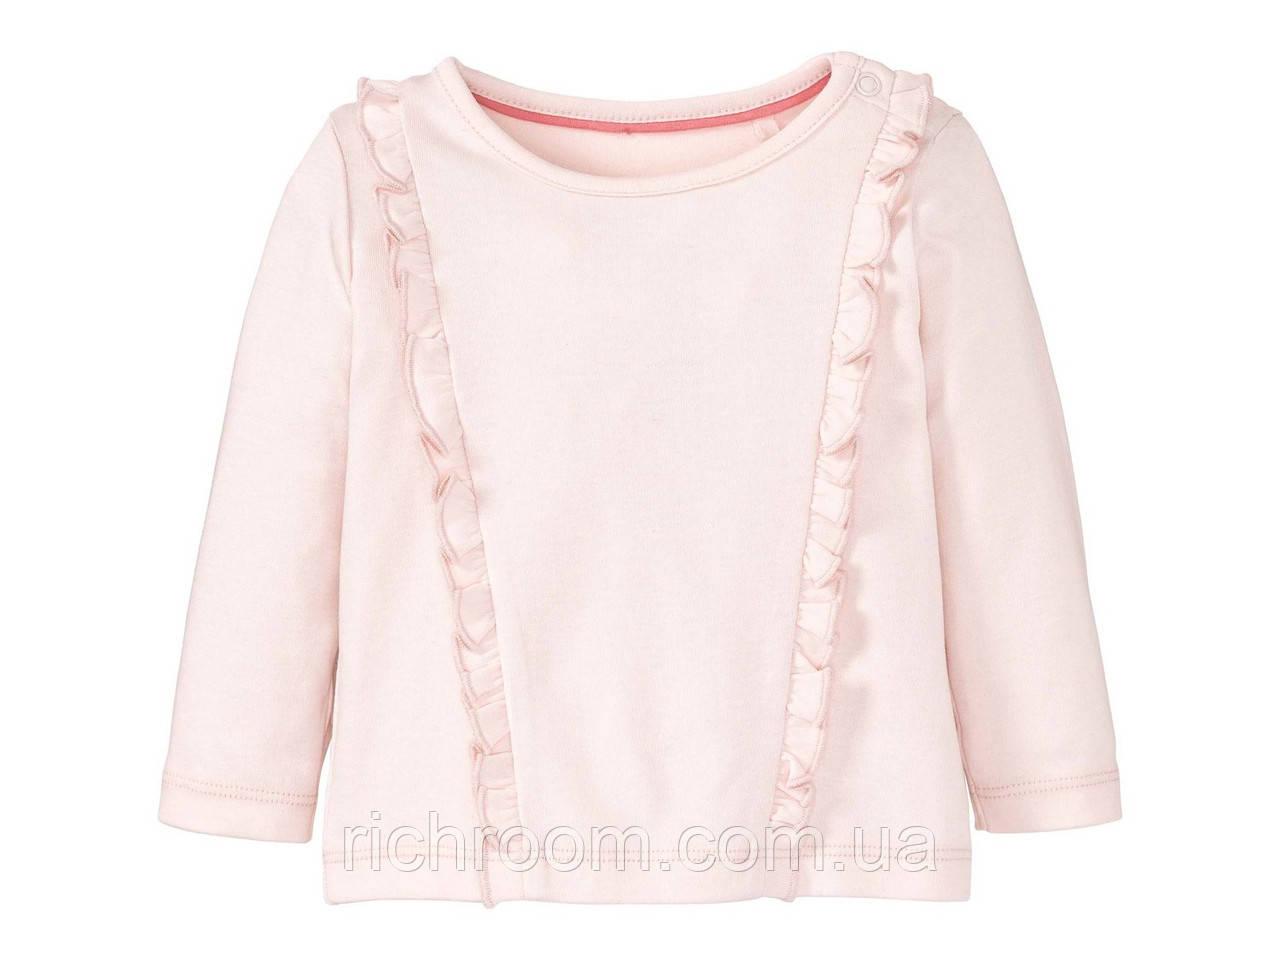 Лонгслив,кофточка для дівчинки Lupilu Pure Collection, футболка з довгими рукавами реглан